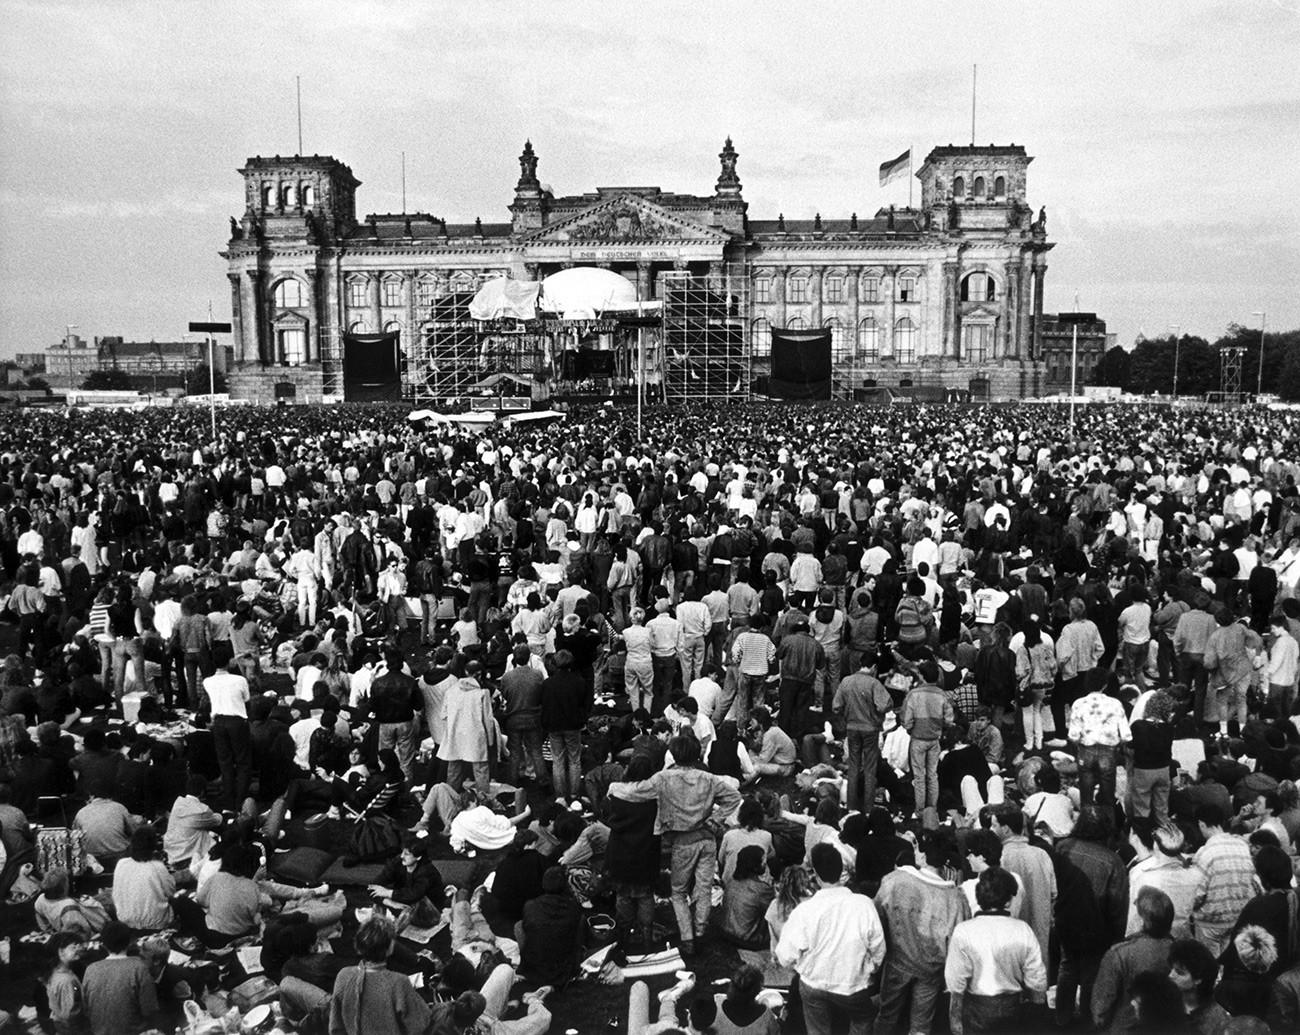 1987年6月、歌手デヴィッド・ボウイは西ベルリンでコンサートを行った。